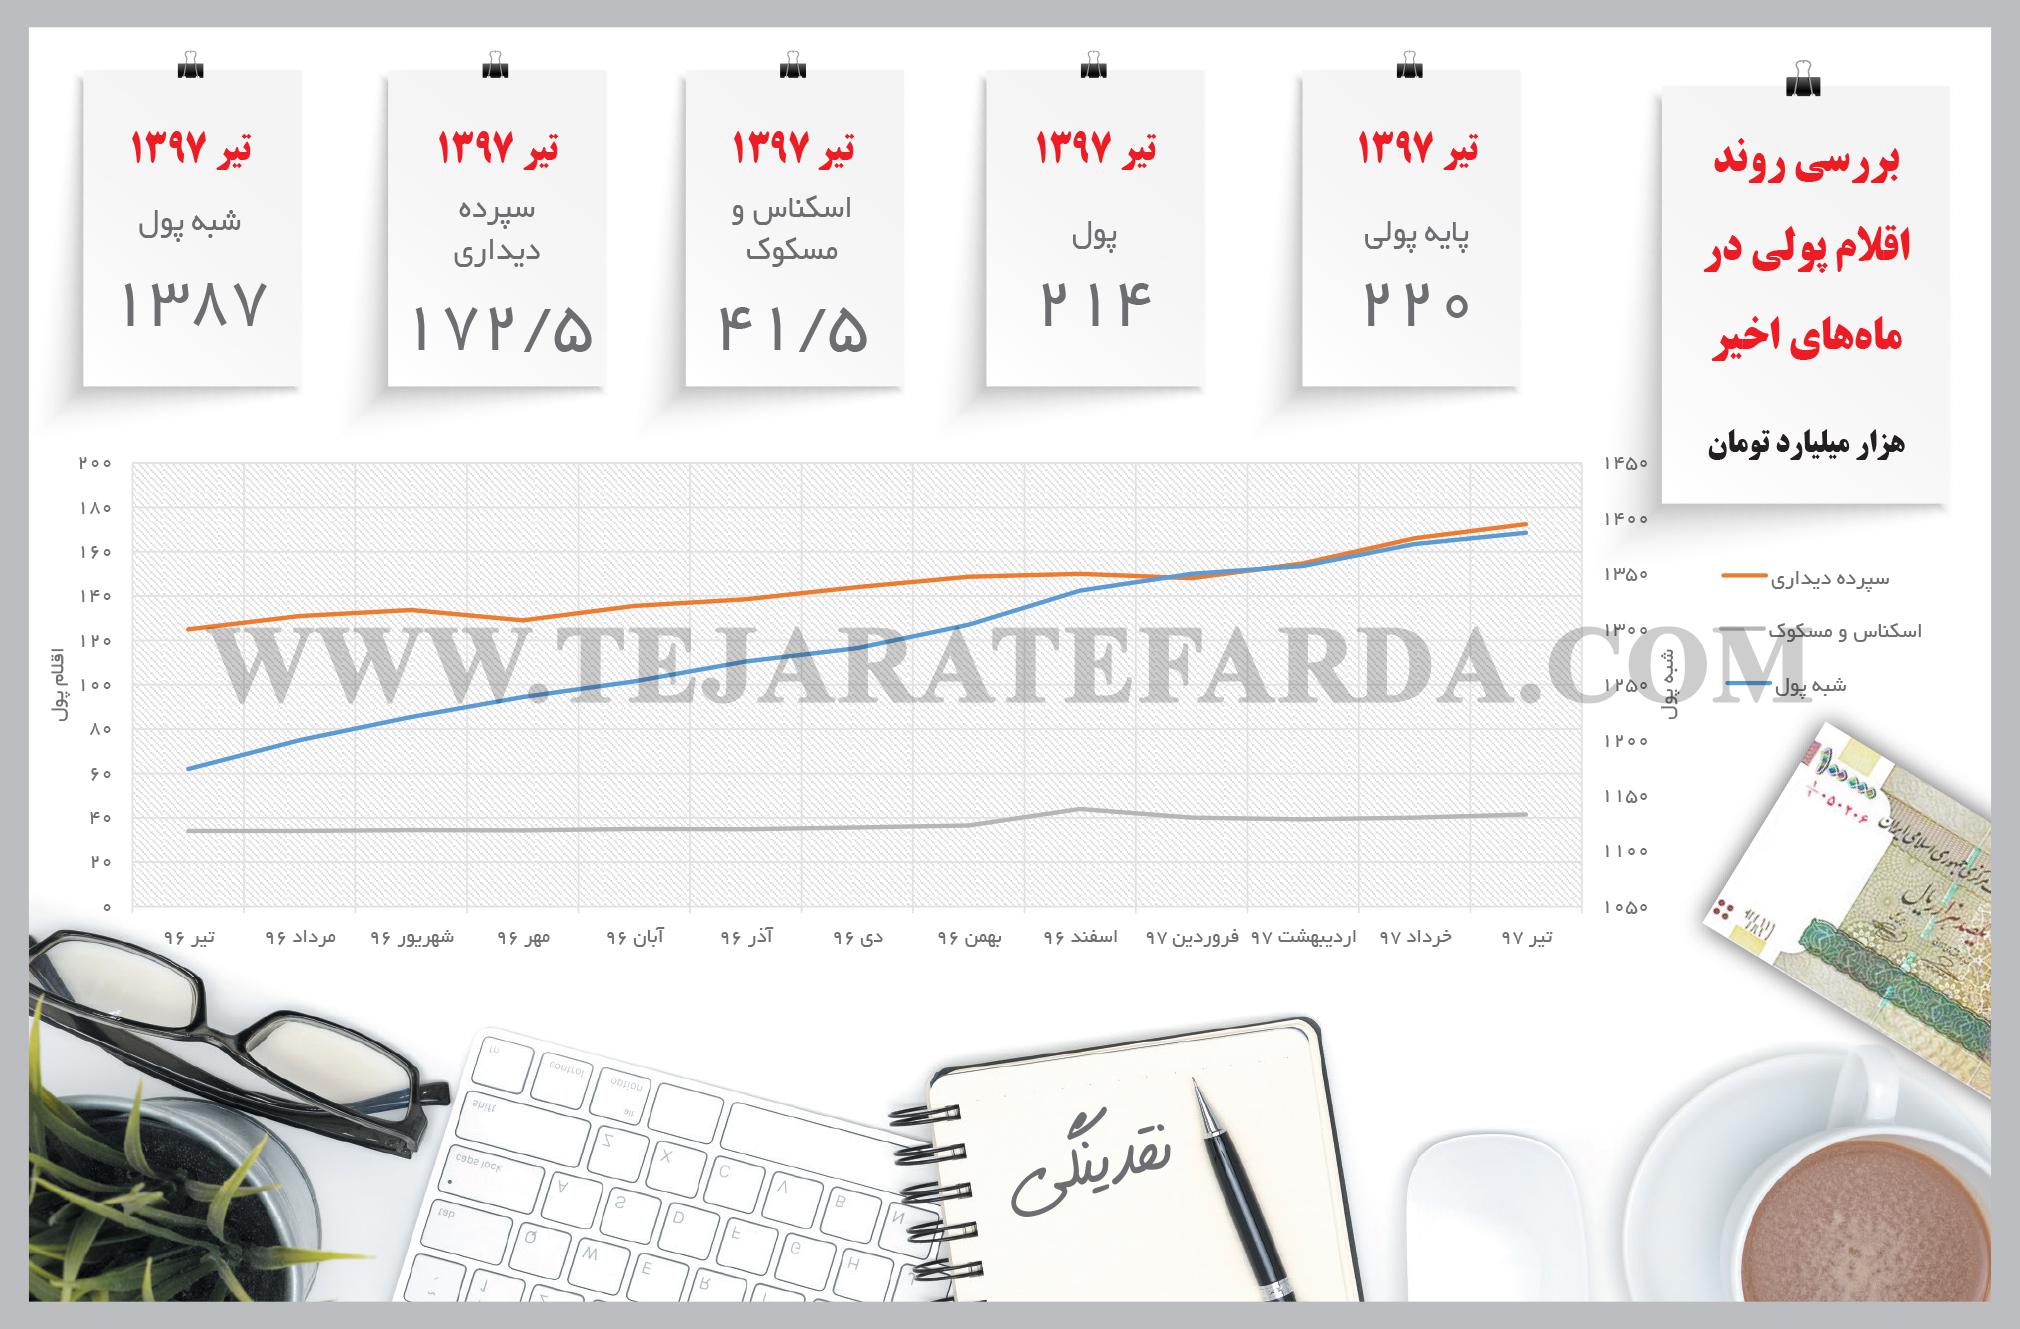 تجارت فردا- اینفوگرافیک- سپرده بانکی